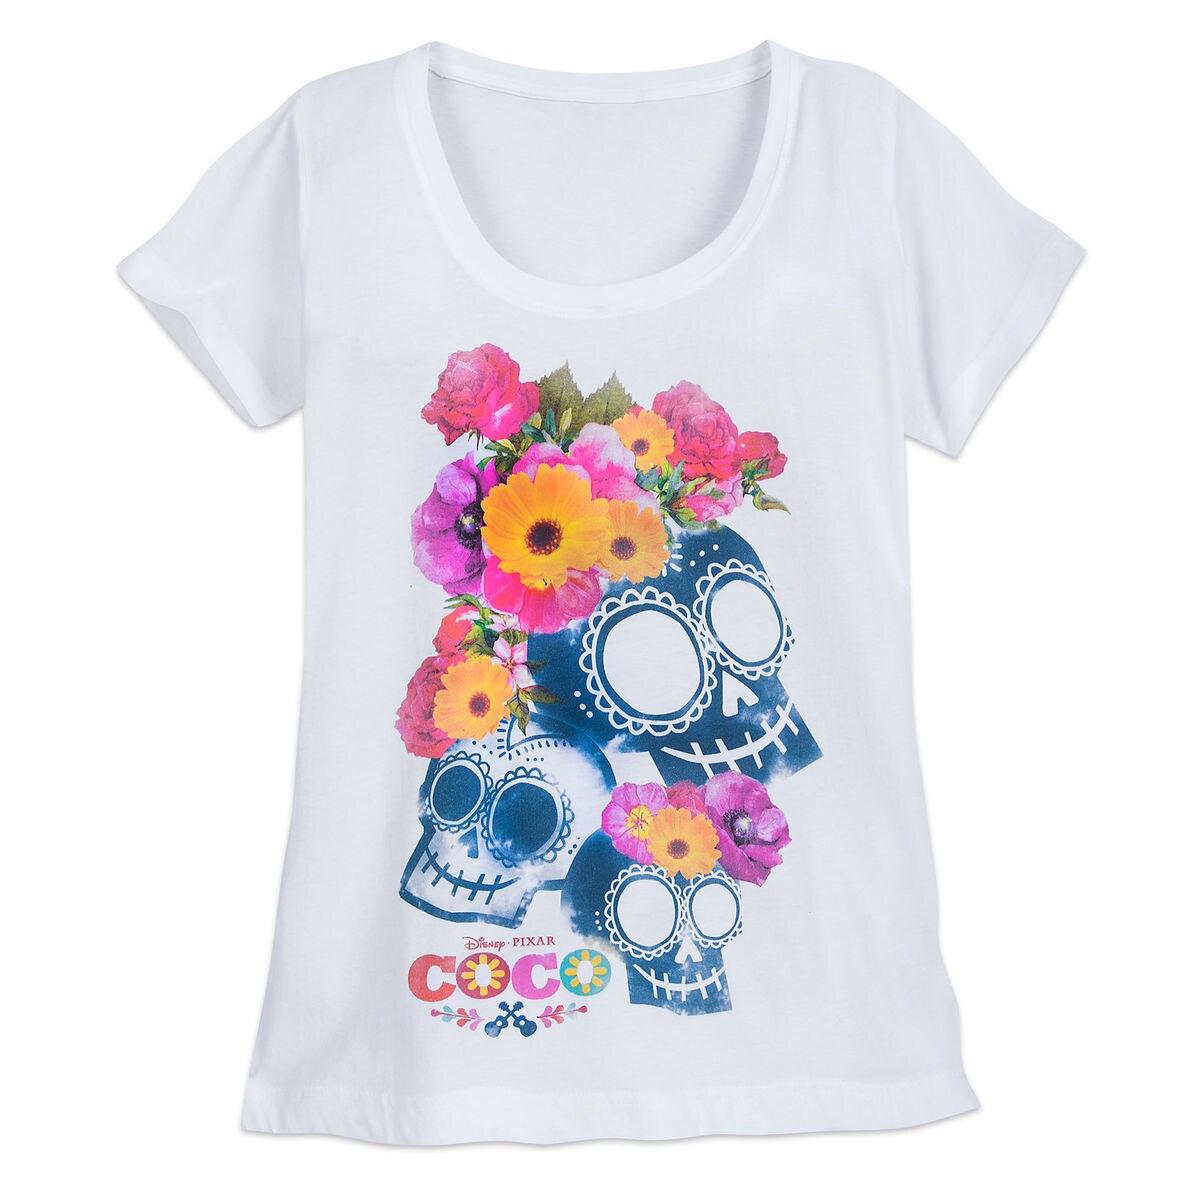 coco t shirt for women shopdisney